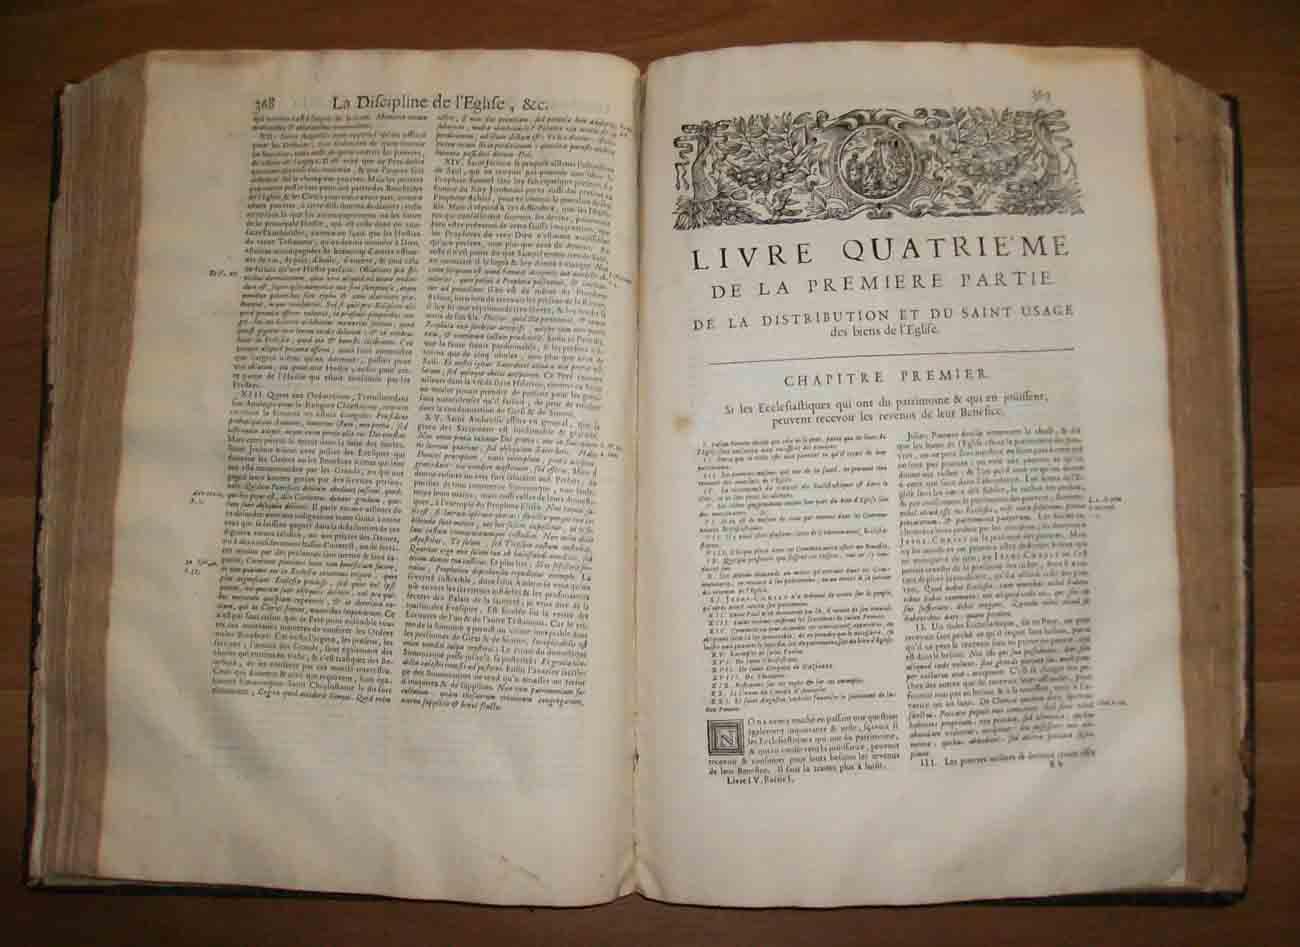 [1679-1682+Ancienne+et+Nouvelle+Discipline+de+L`Englise-Thomassin+058.jpg]